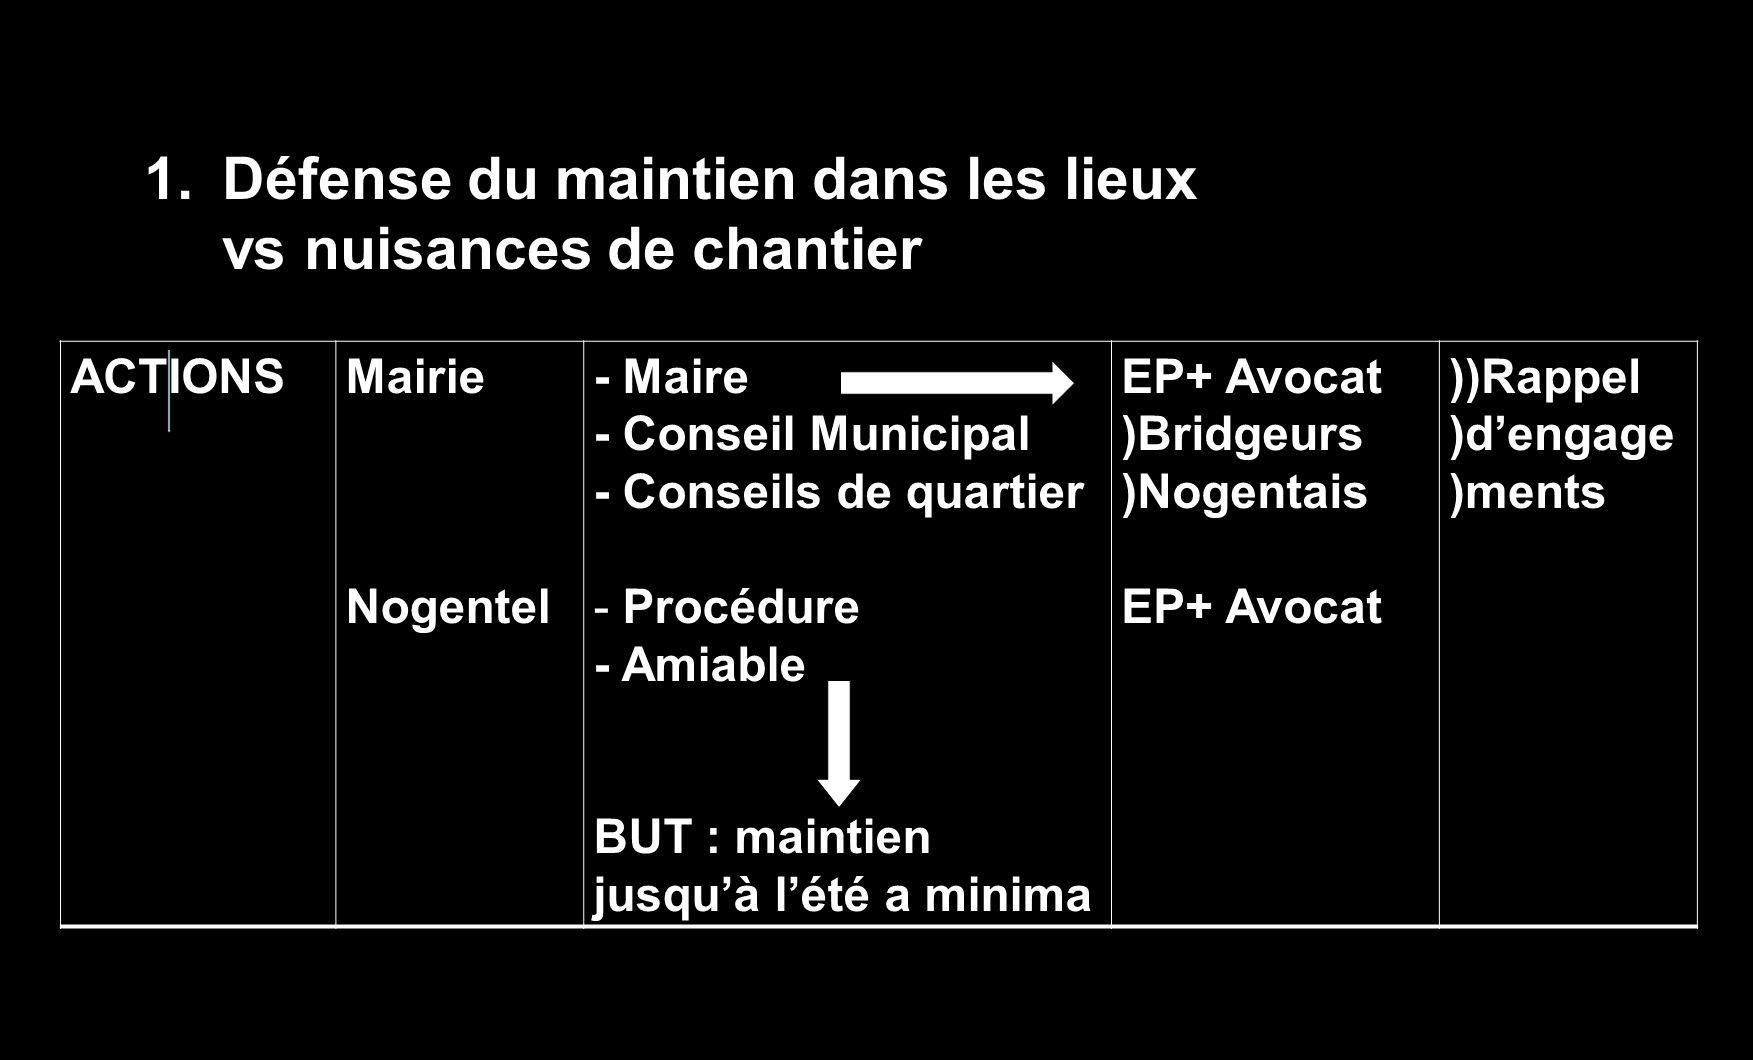 ACTIONS Mairie Nogentel - Maire - Conseil Municipal - Conseils de quartier - Procédure - Amiable BUT : maintien jusquà lété a minima EP+ Avocat )Bridg